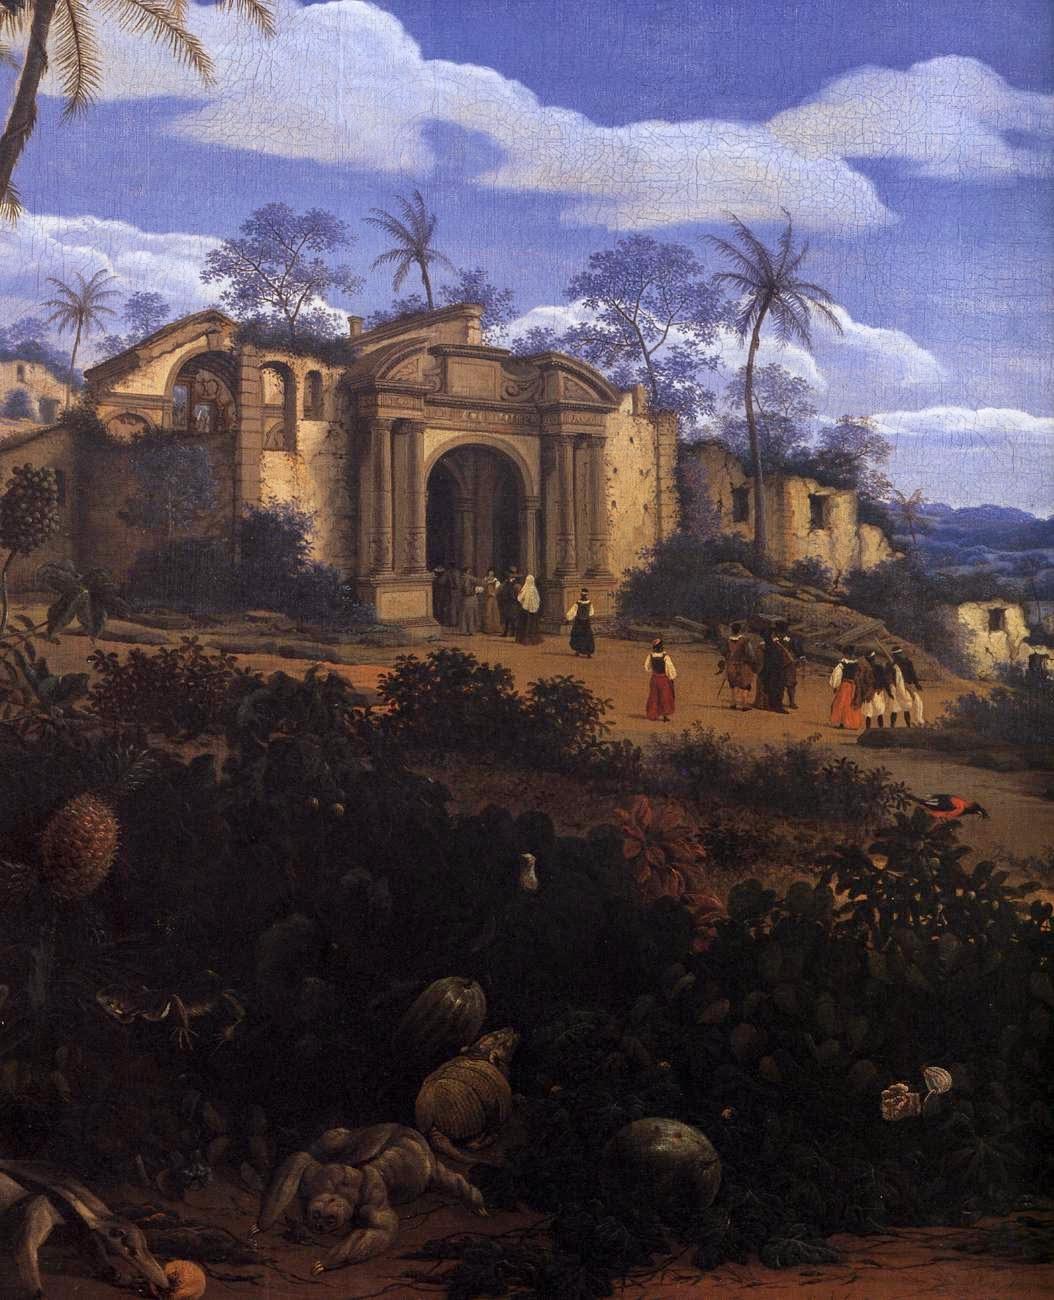 Vista de Olinda, Brasil ~ Frans Post - Holandês - Barroco Brasil Colonial